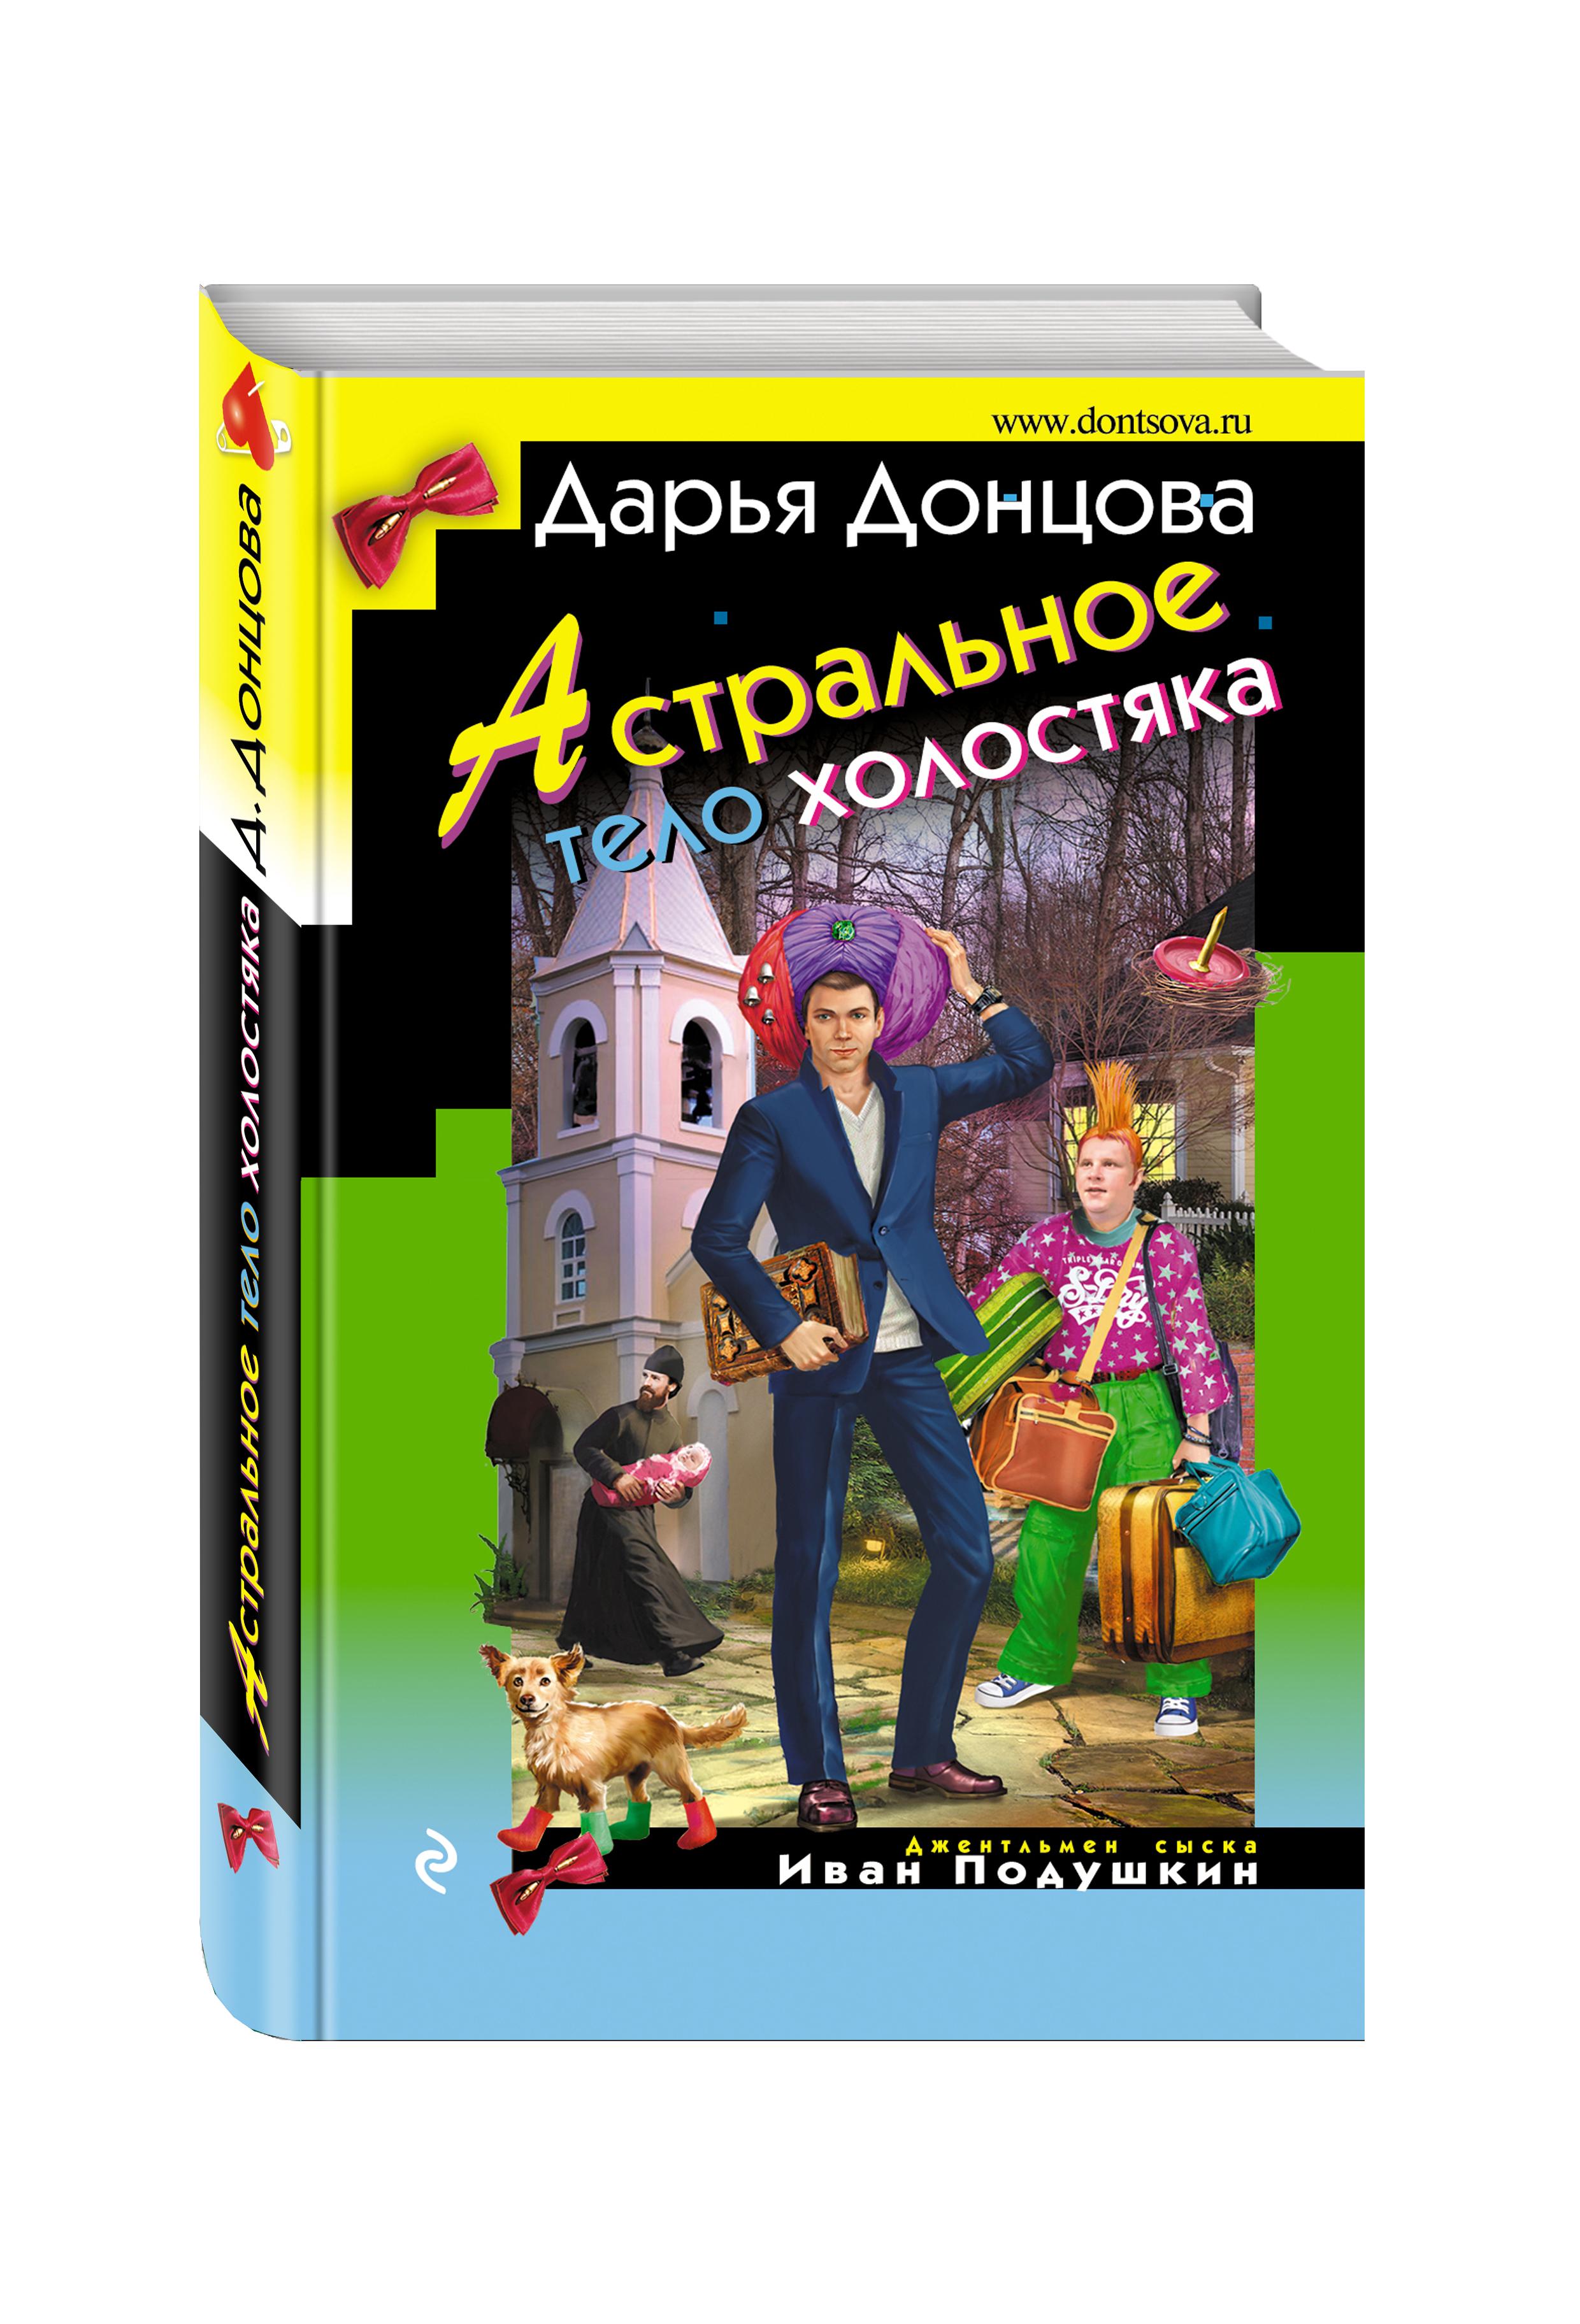 Донцова Д.А. Астральное тело холостяка